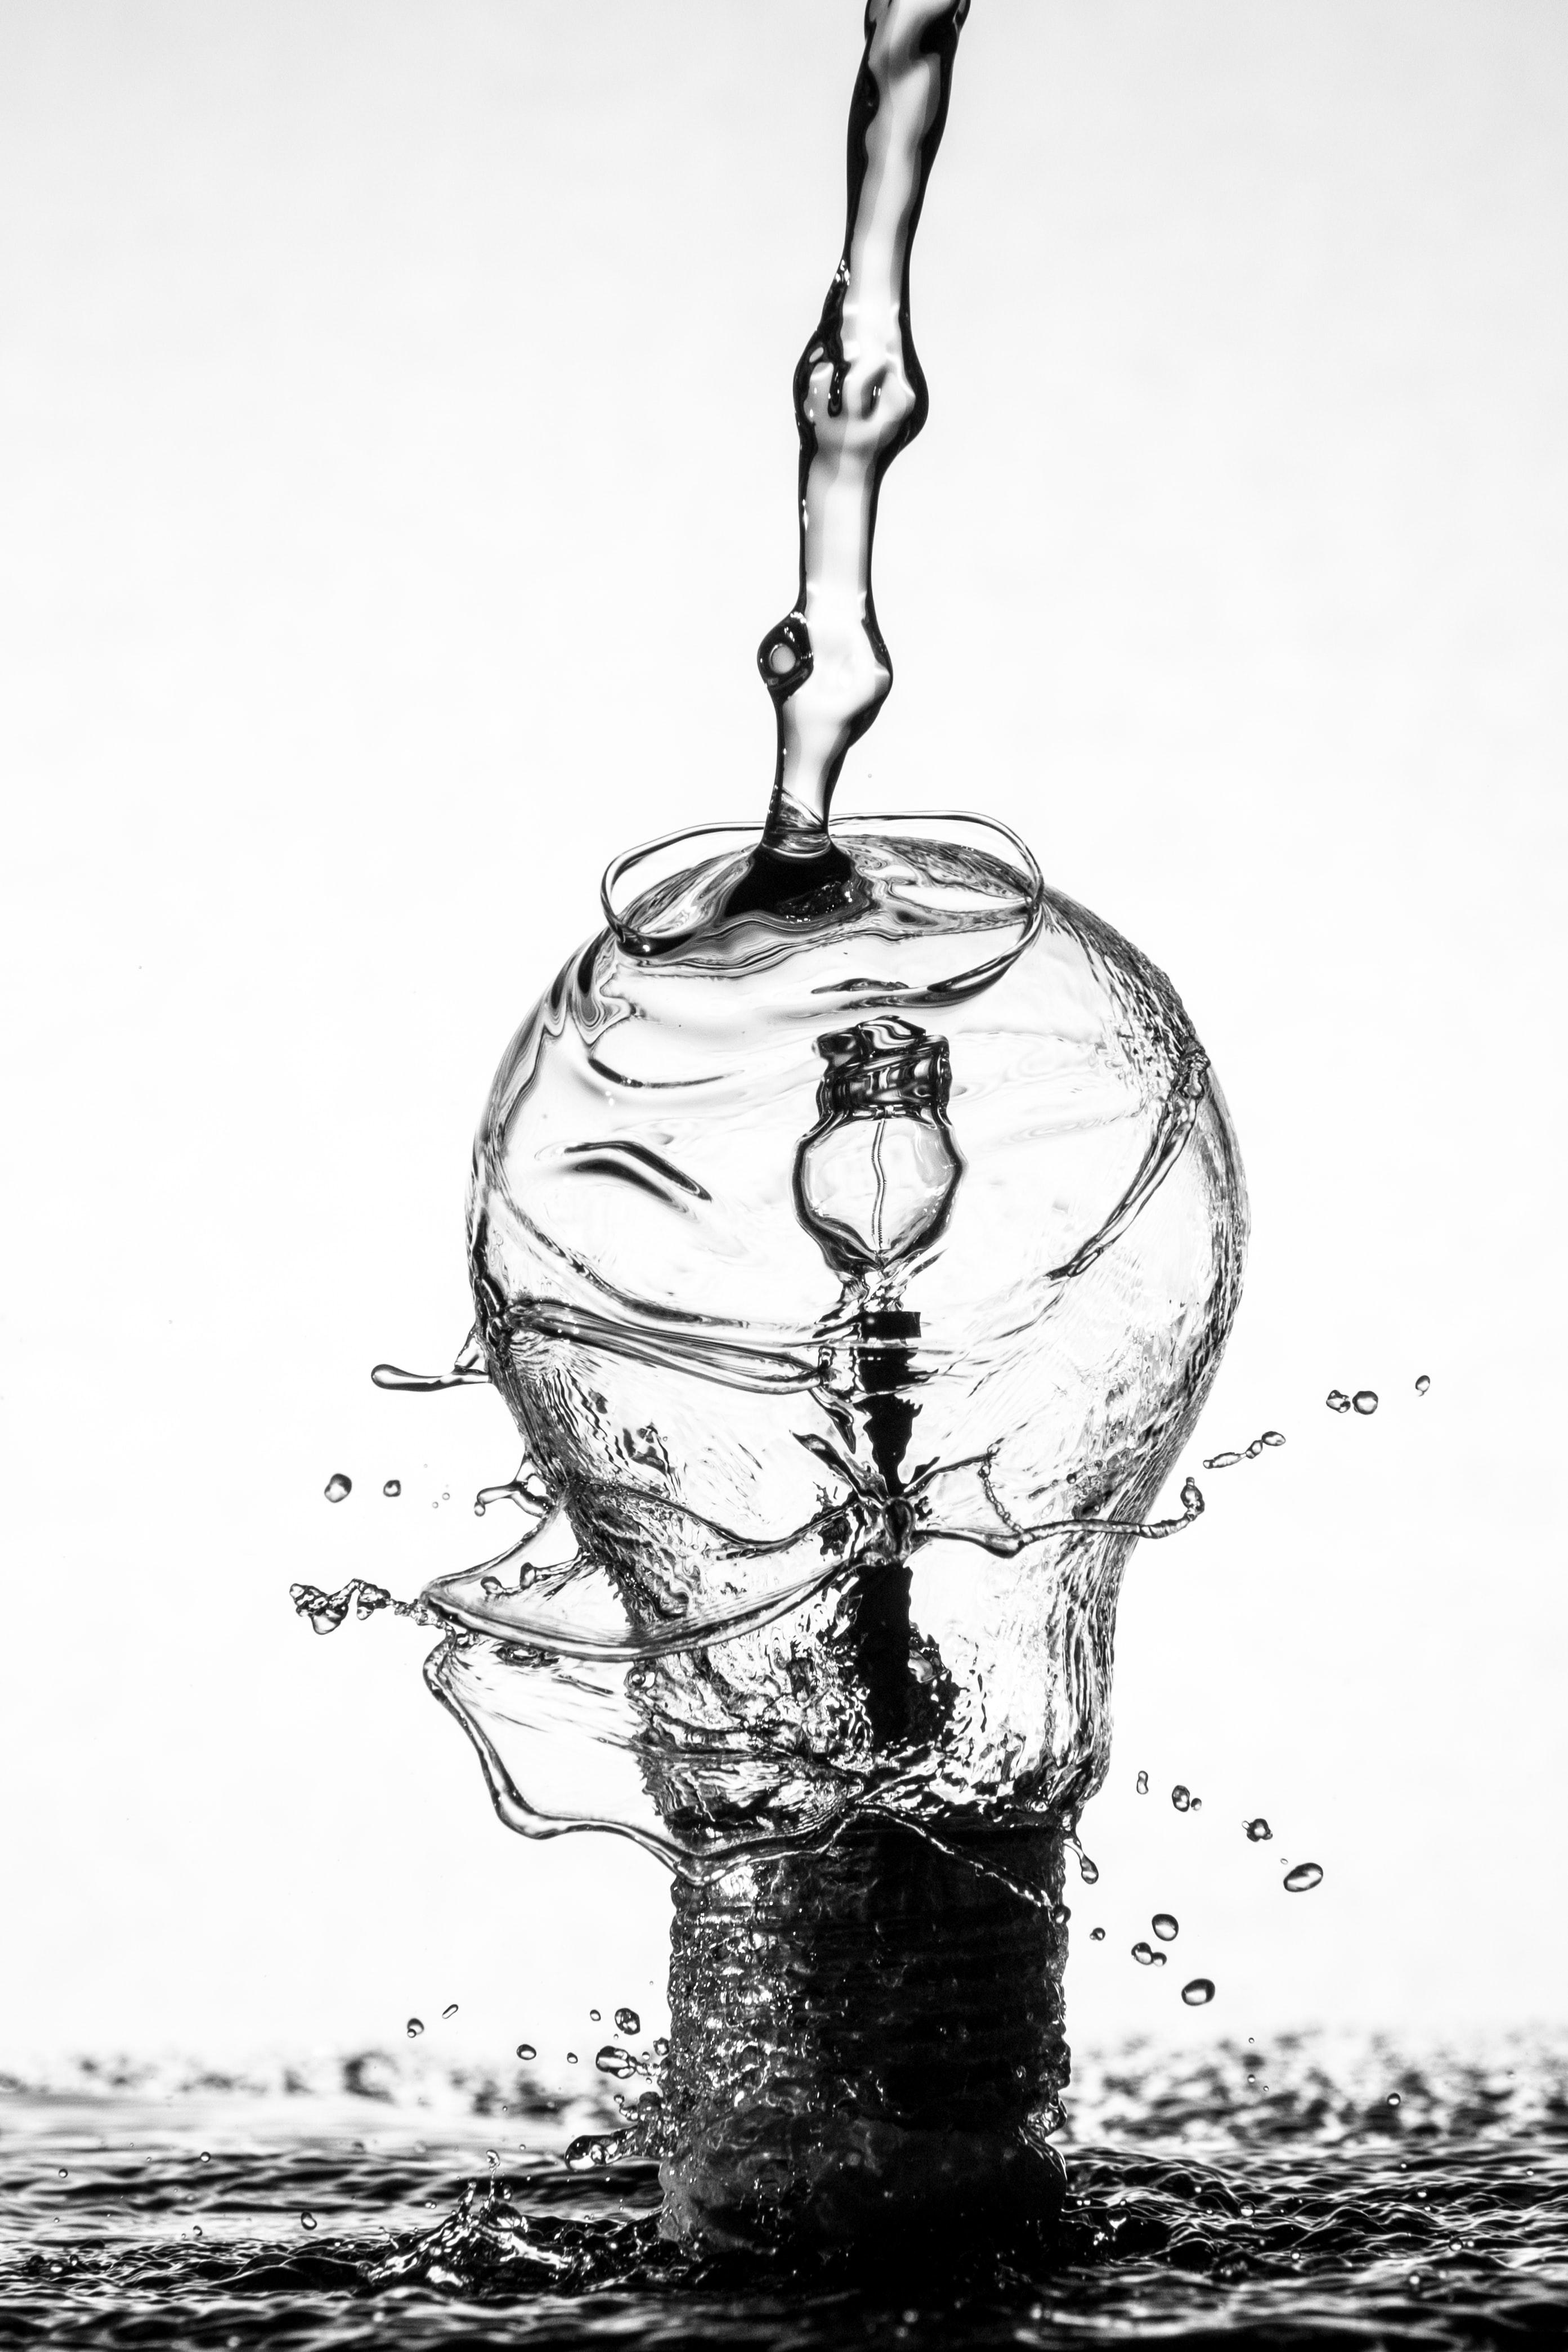 https://thomassalzano.files.wordpress.com/2021/07/thomas-salzano-water-handling-innovation-2.jpg